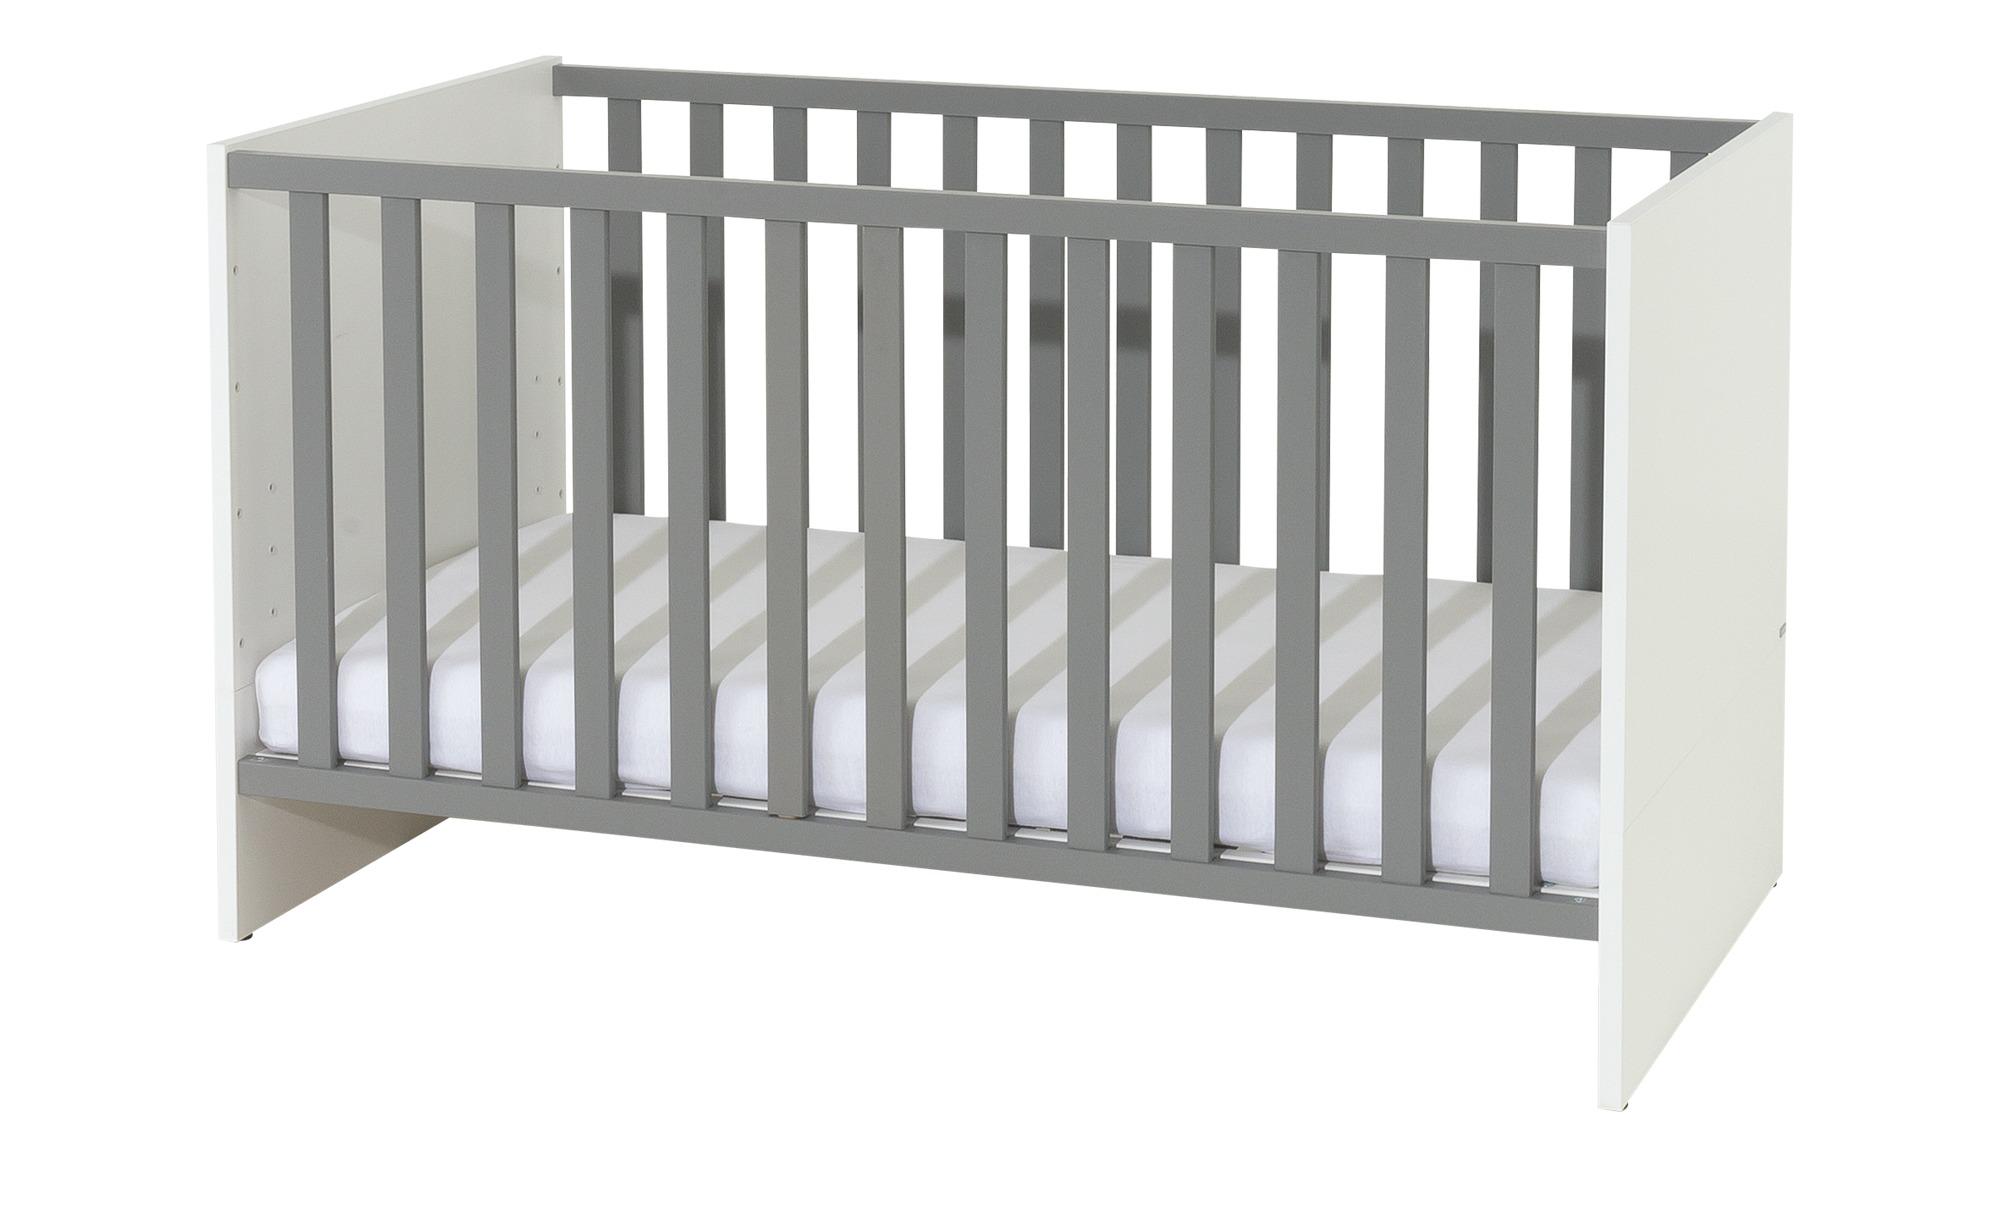 PAIDI Babybett  Kalea - weiß - 75,8 cm - 83,3 cm - Baby > Babymöbel > Babybetten - Möbel Kraft | Kinderzimmer > Babymöbel > Babybetten & Babywiegen | PAIDI